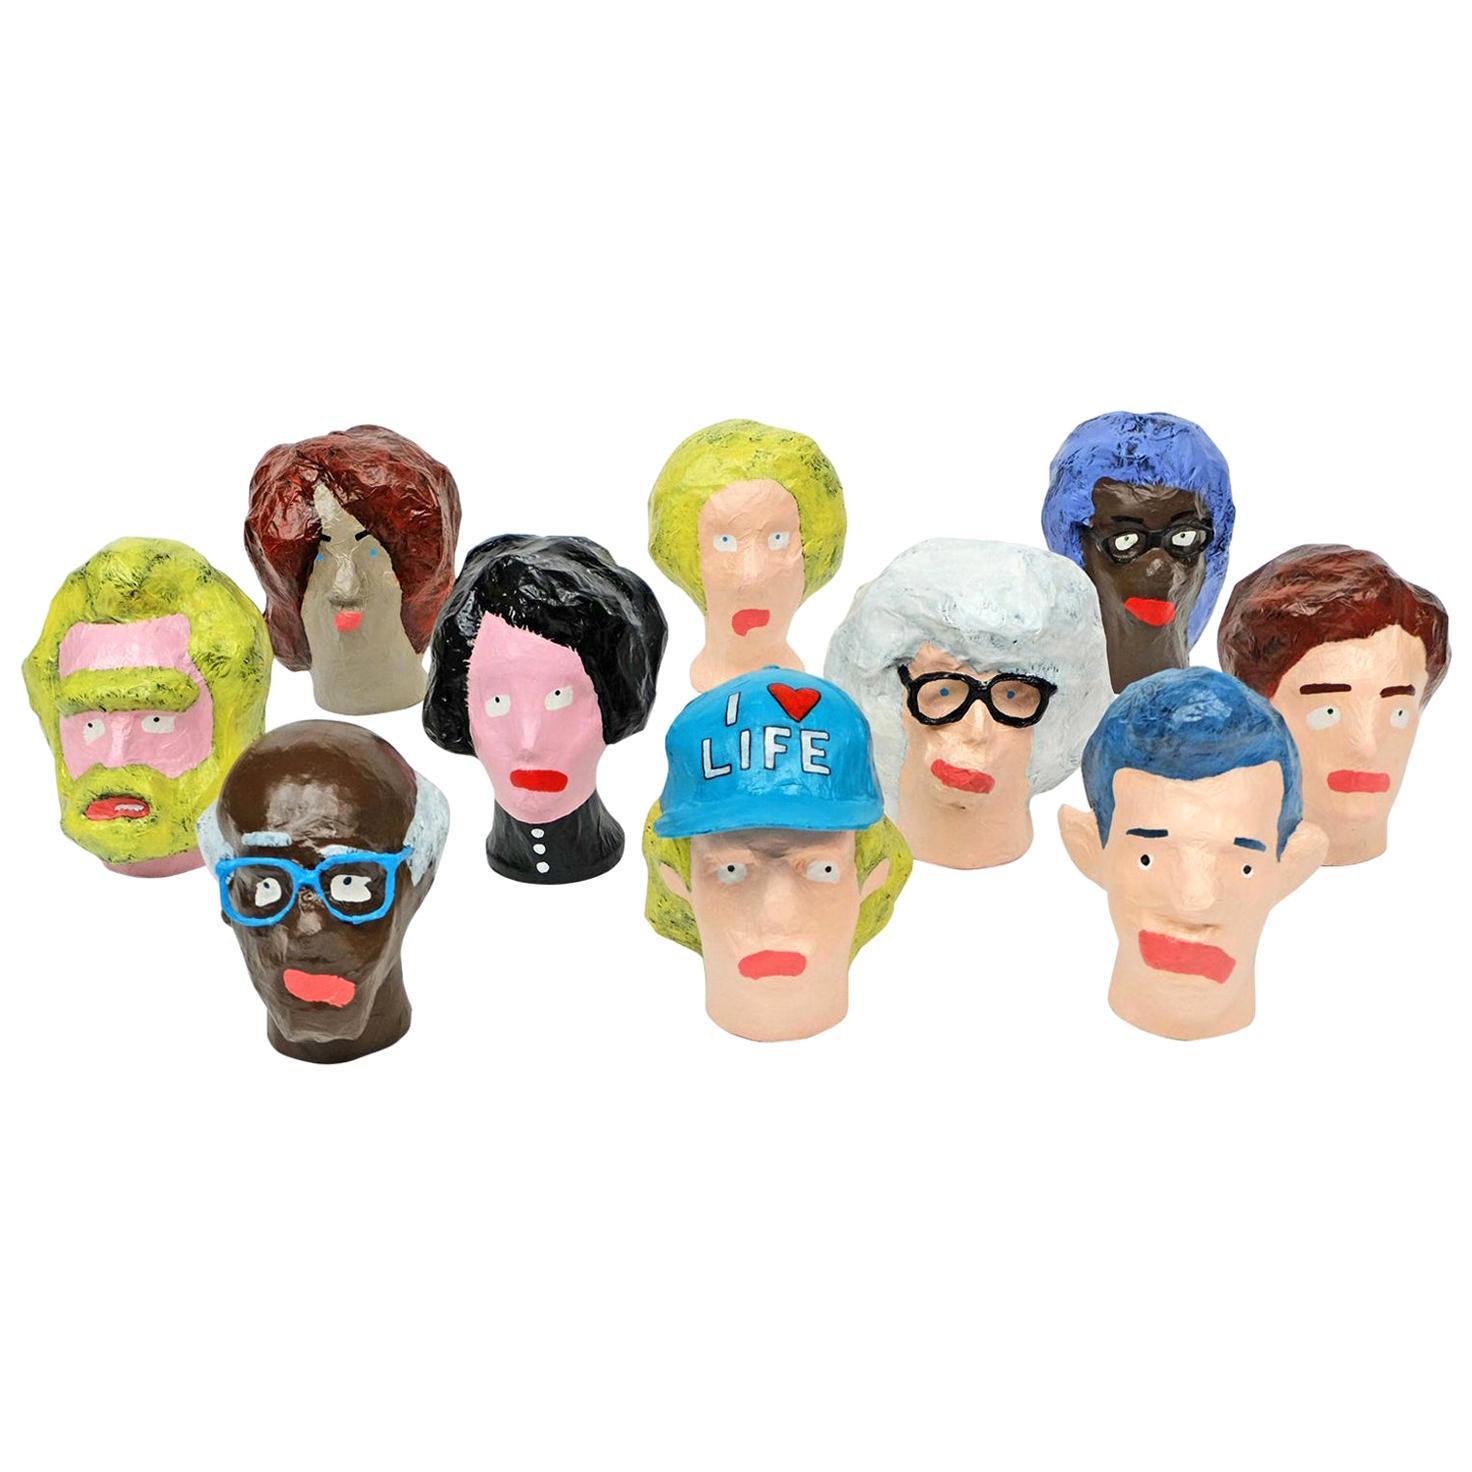 'Followers' Sculptures by Alan Fears Paper Mâché Pop Art Heads